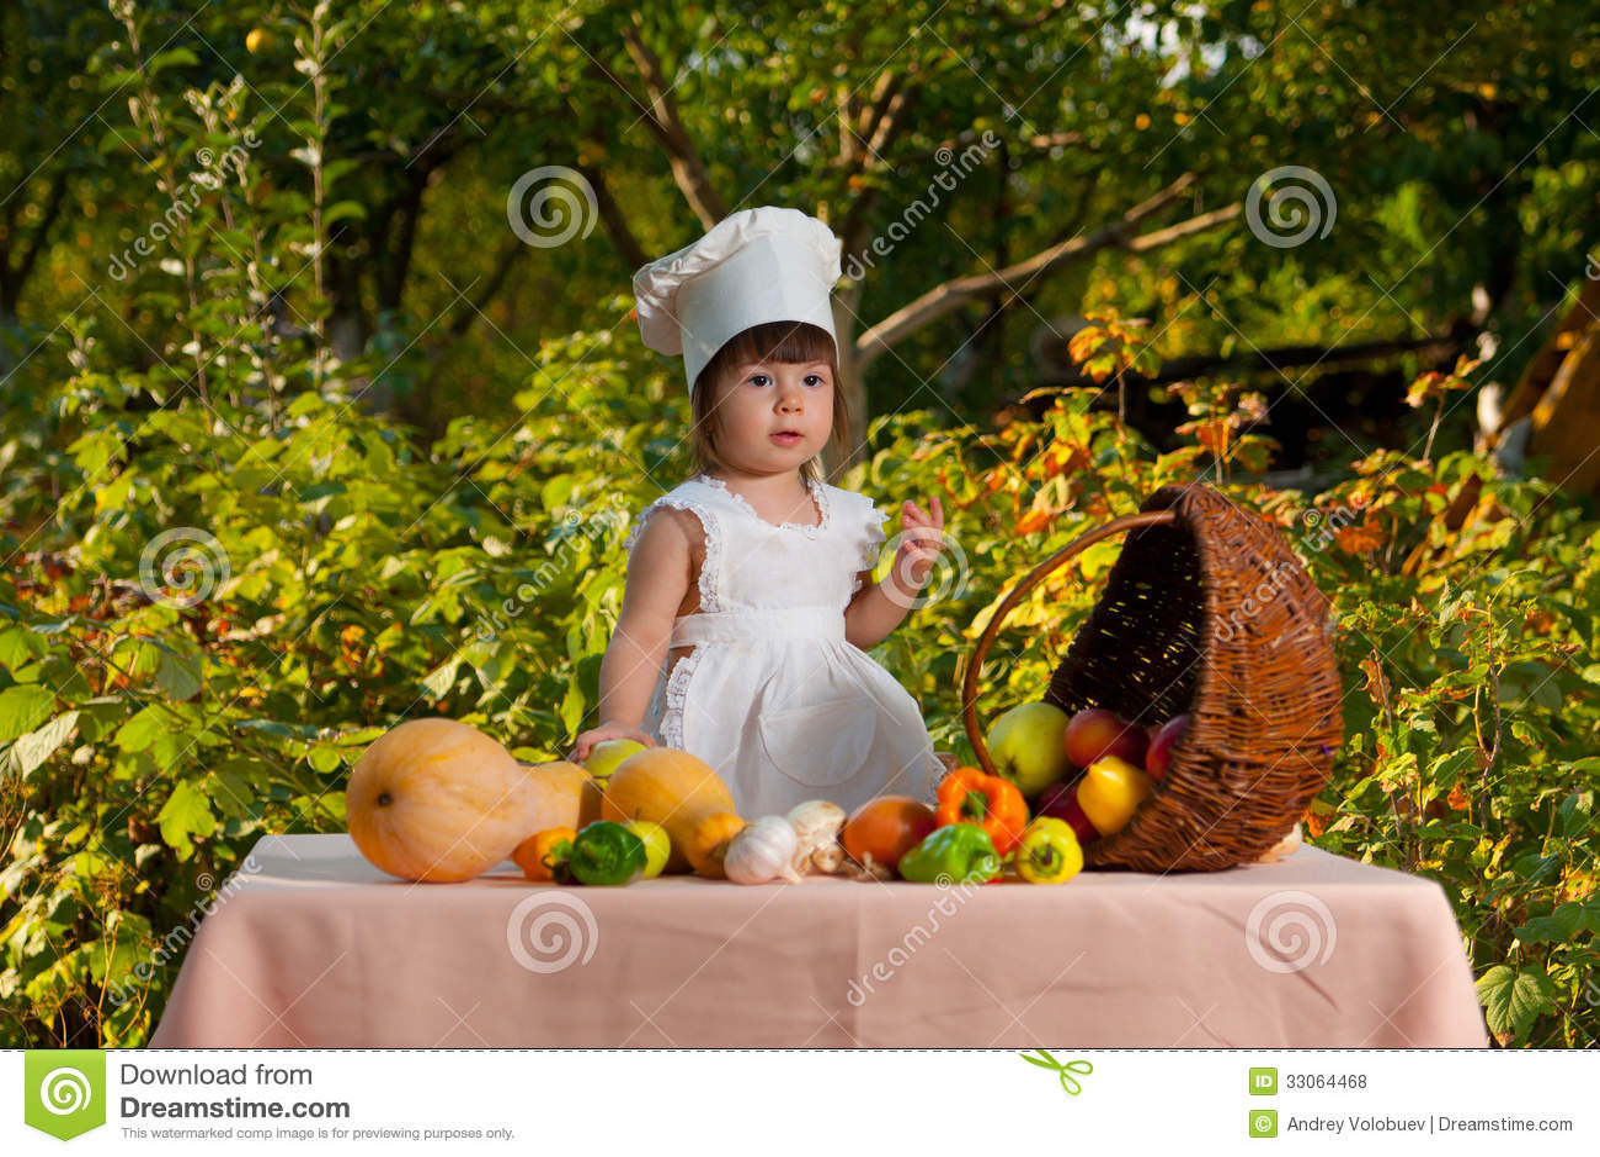 Chef Garden: Little Girl Chef Royalty Free Stock Photos